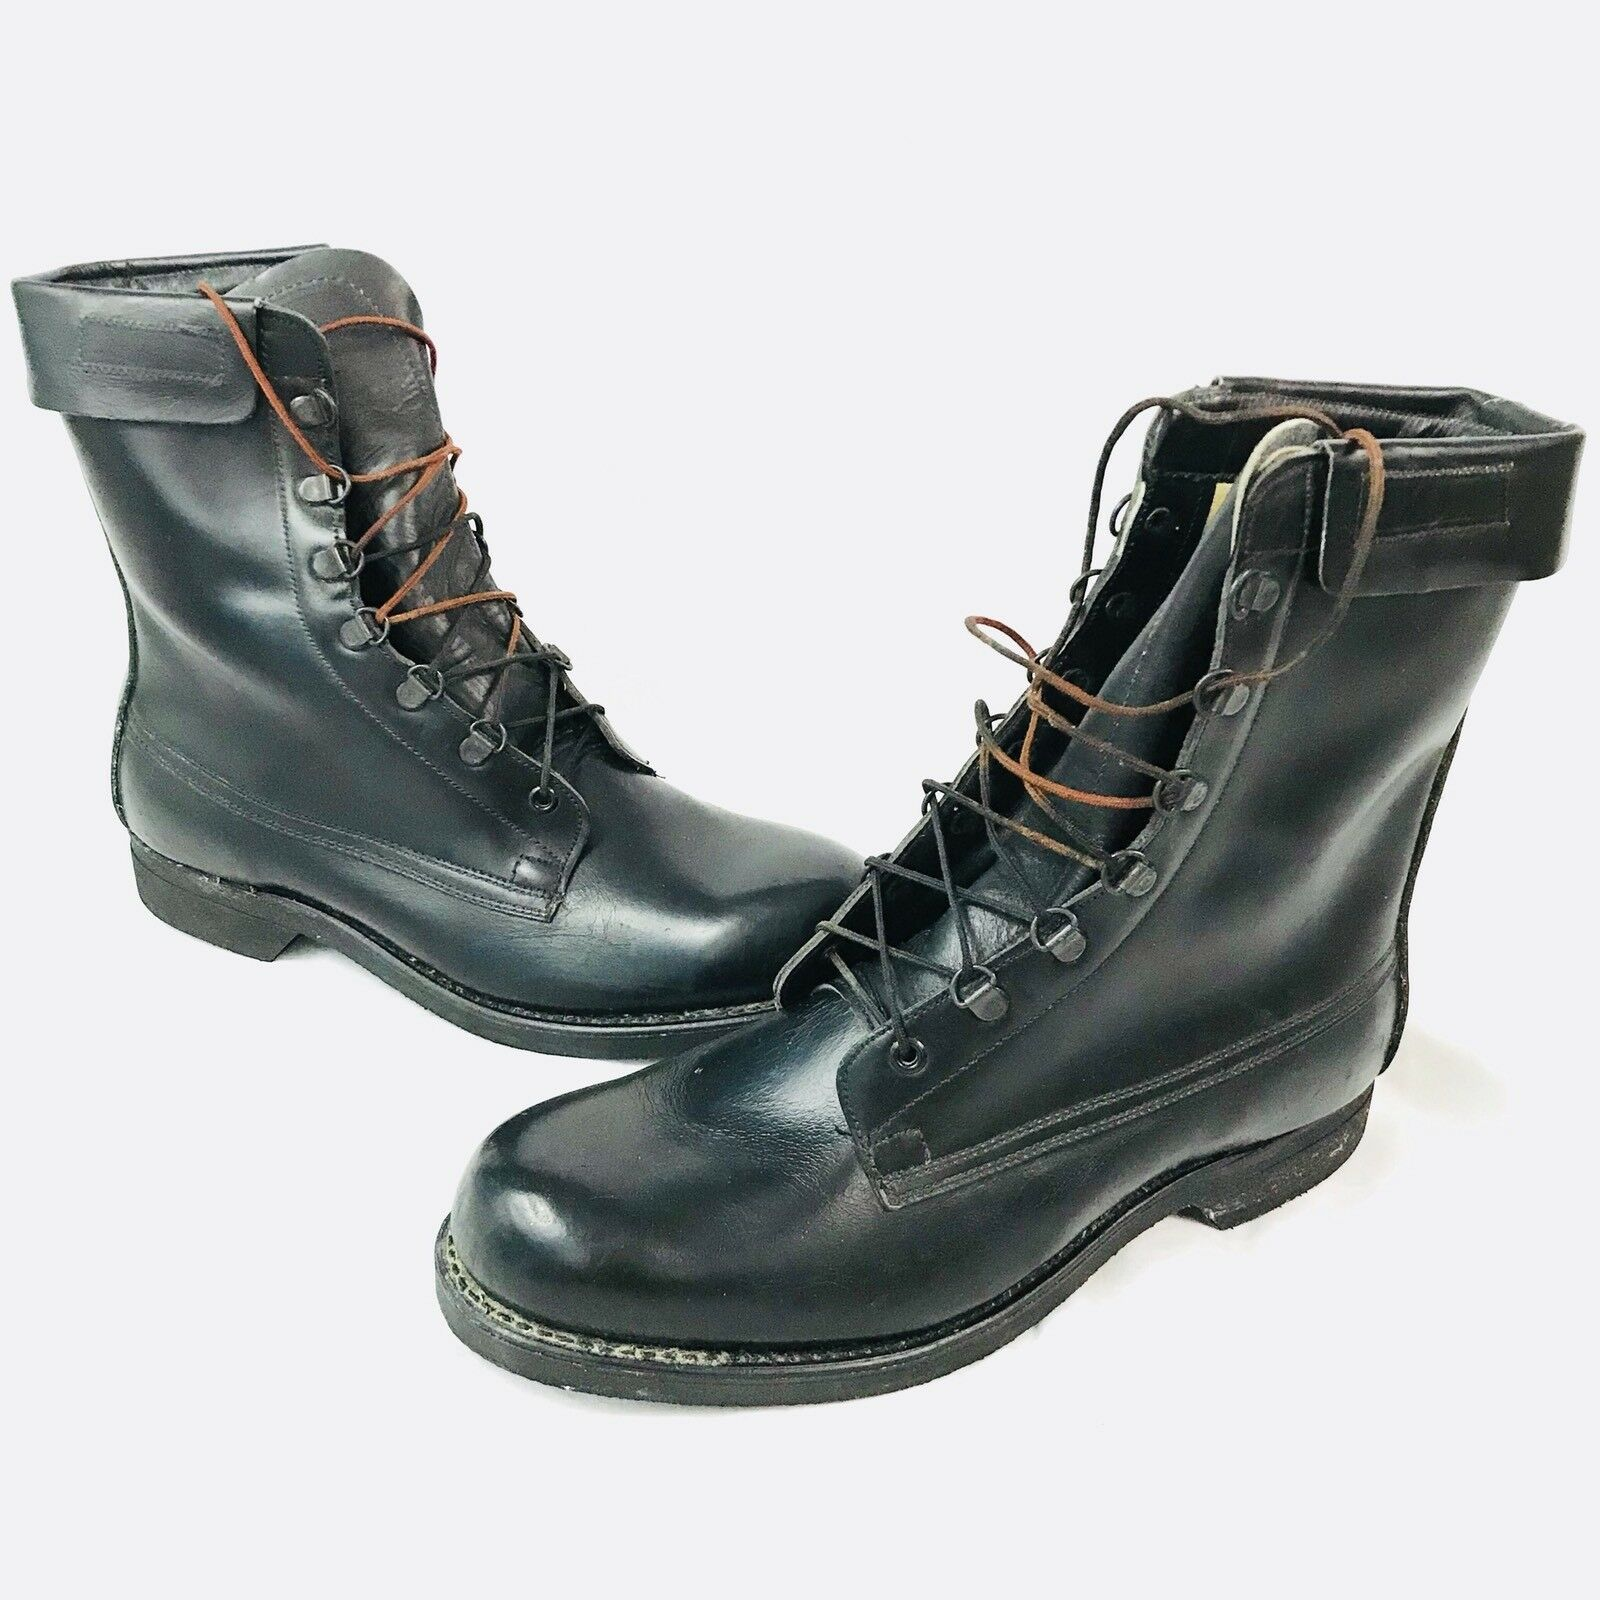 botas de combate Addison Combate Negro Vintage 9.5 E